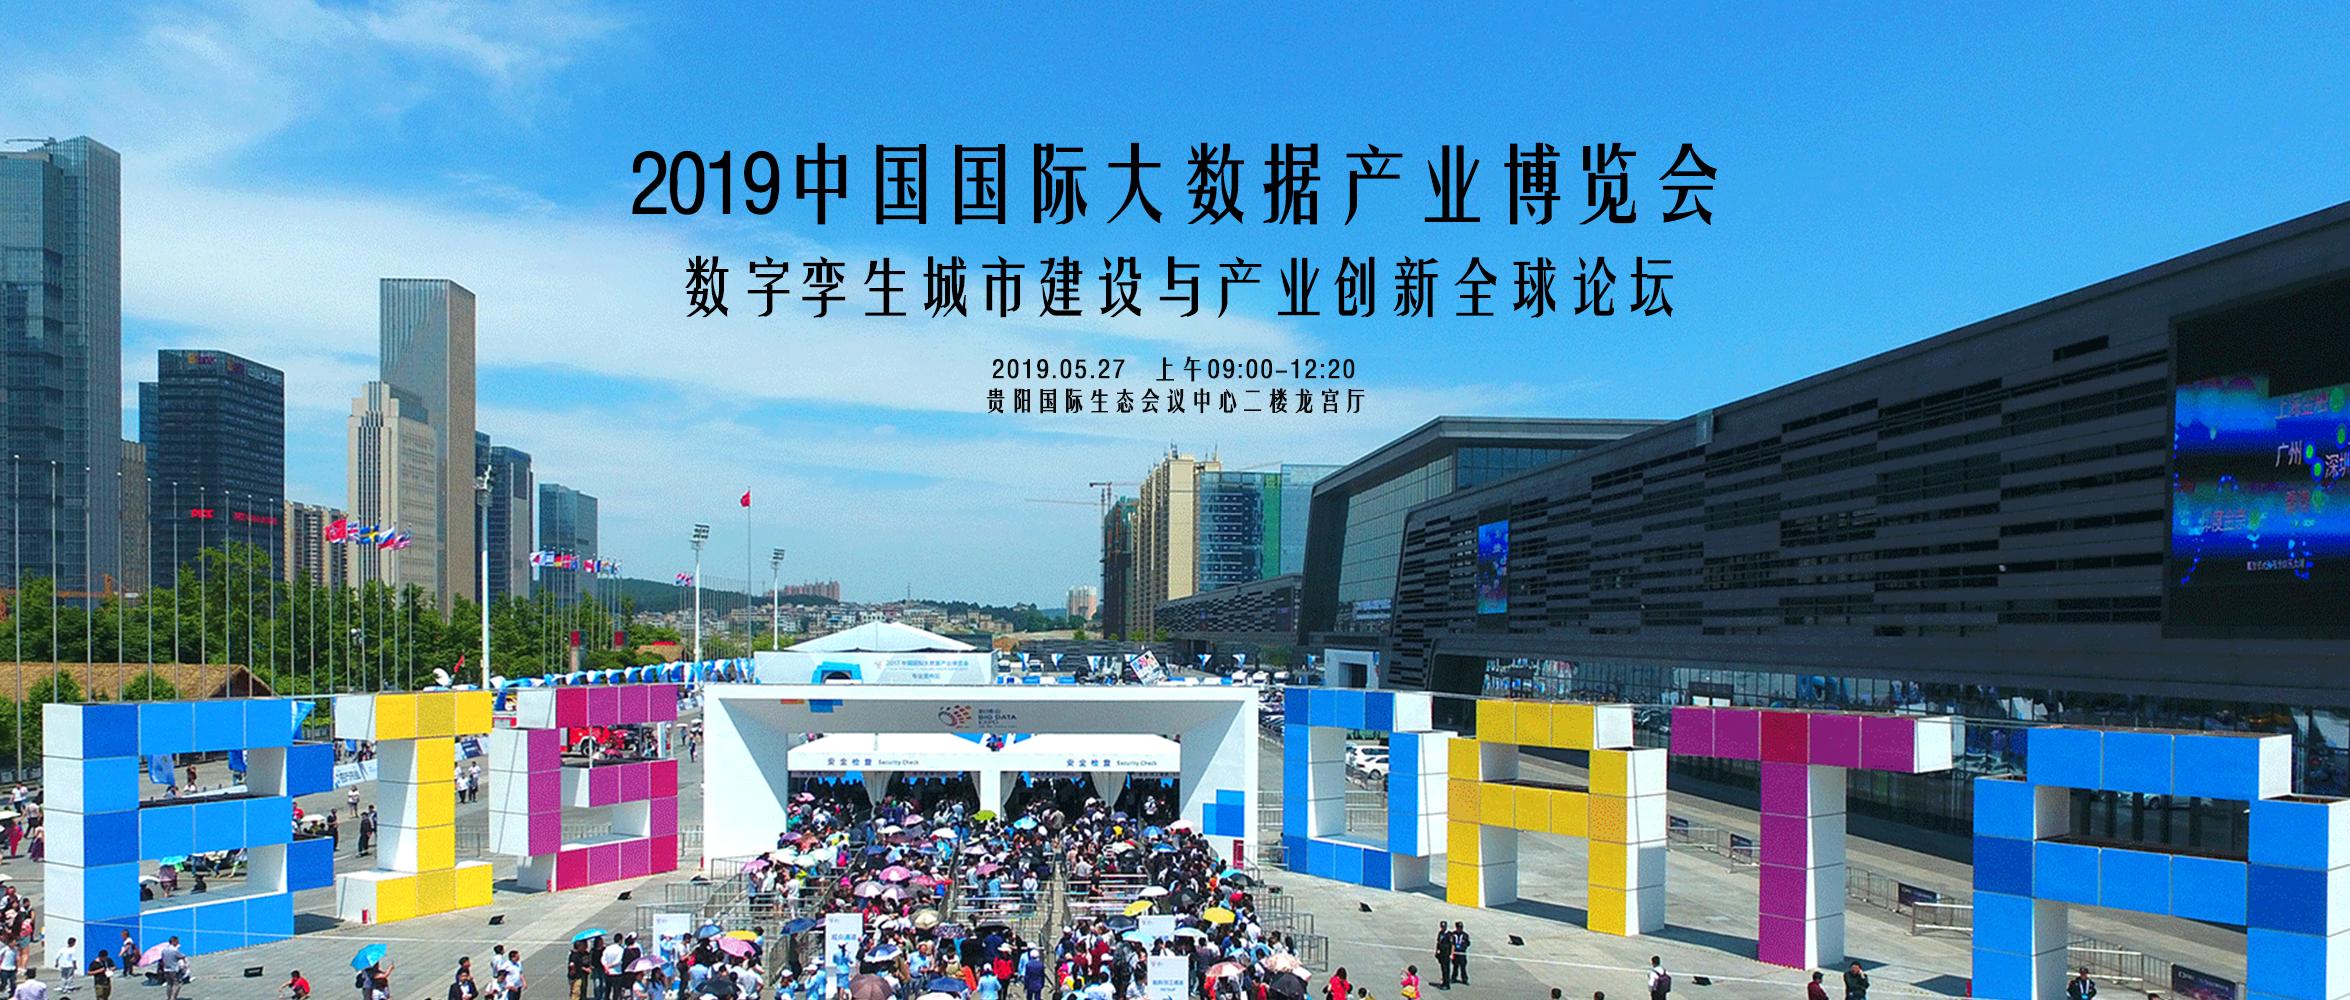 2019中国国际大数据产业博览会——数字孪生城市建设与产业创新全球论坛将于2019年5月27日在贵阳召开